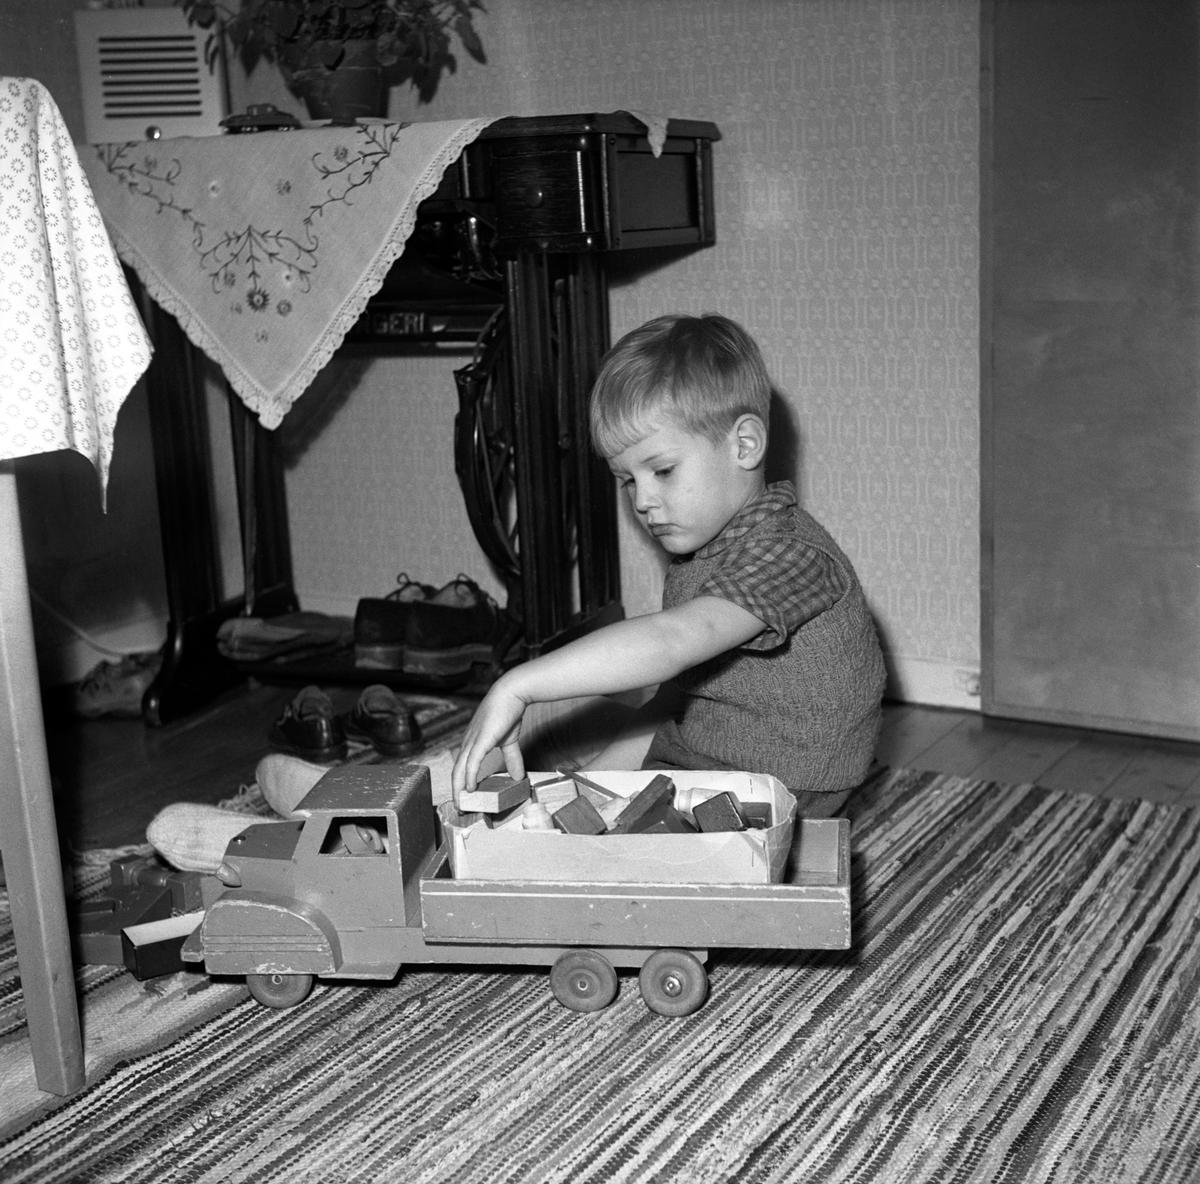 Pojken Bengt Damgren i Jönköping leker med en lastbil och klossar av trä.